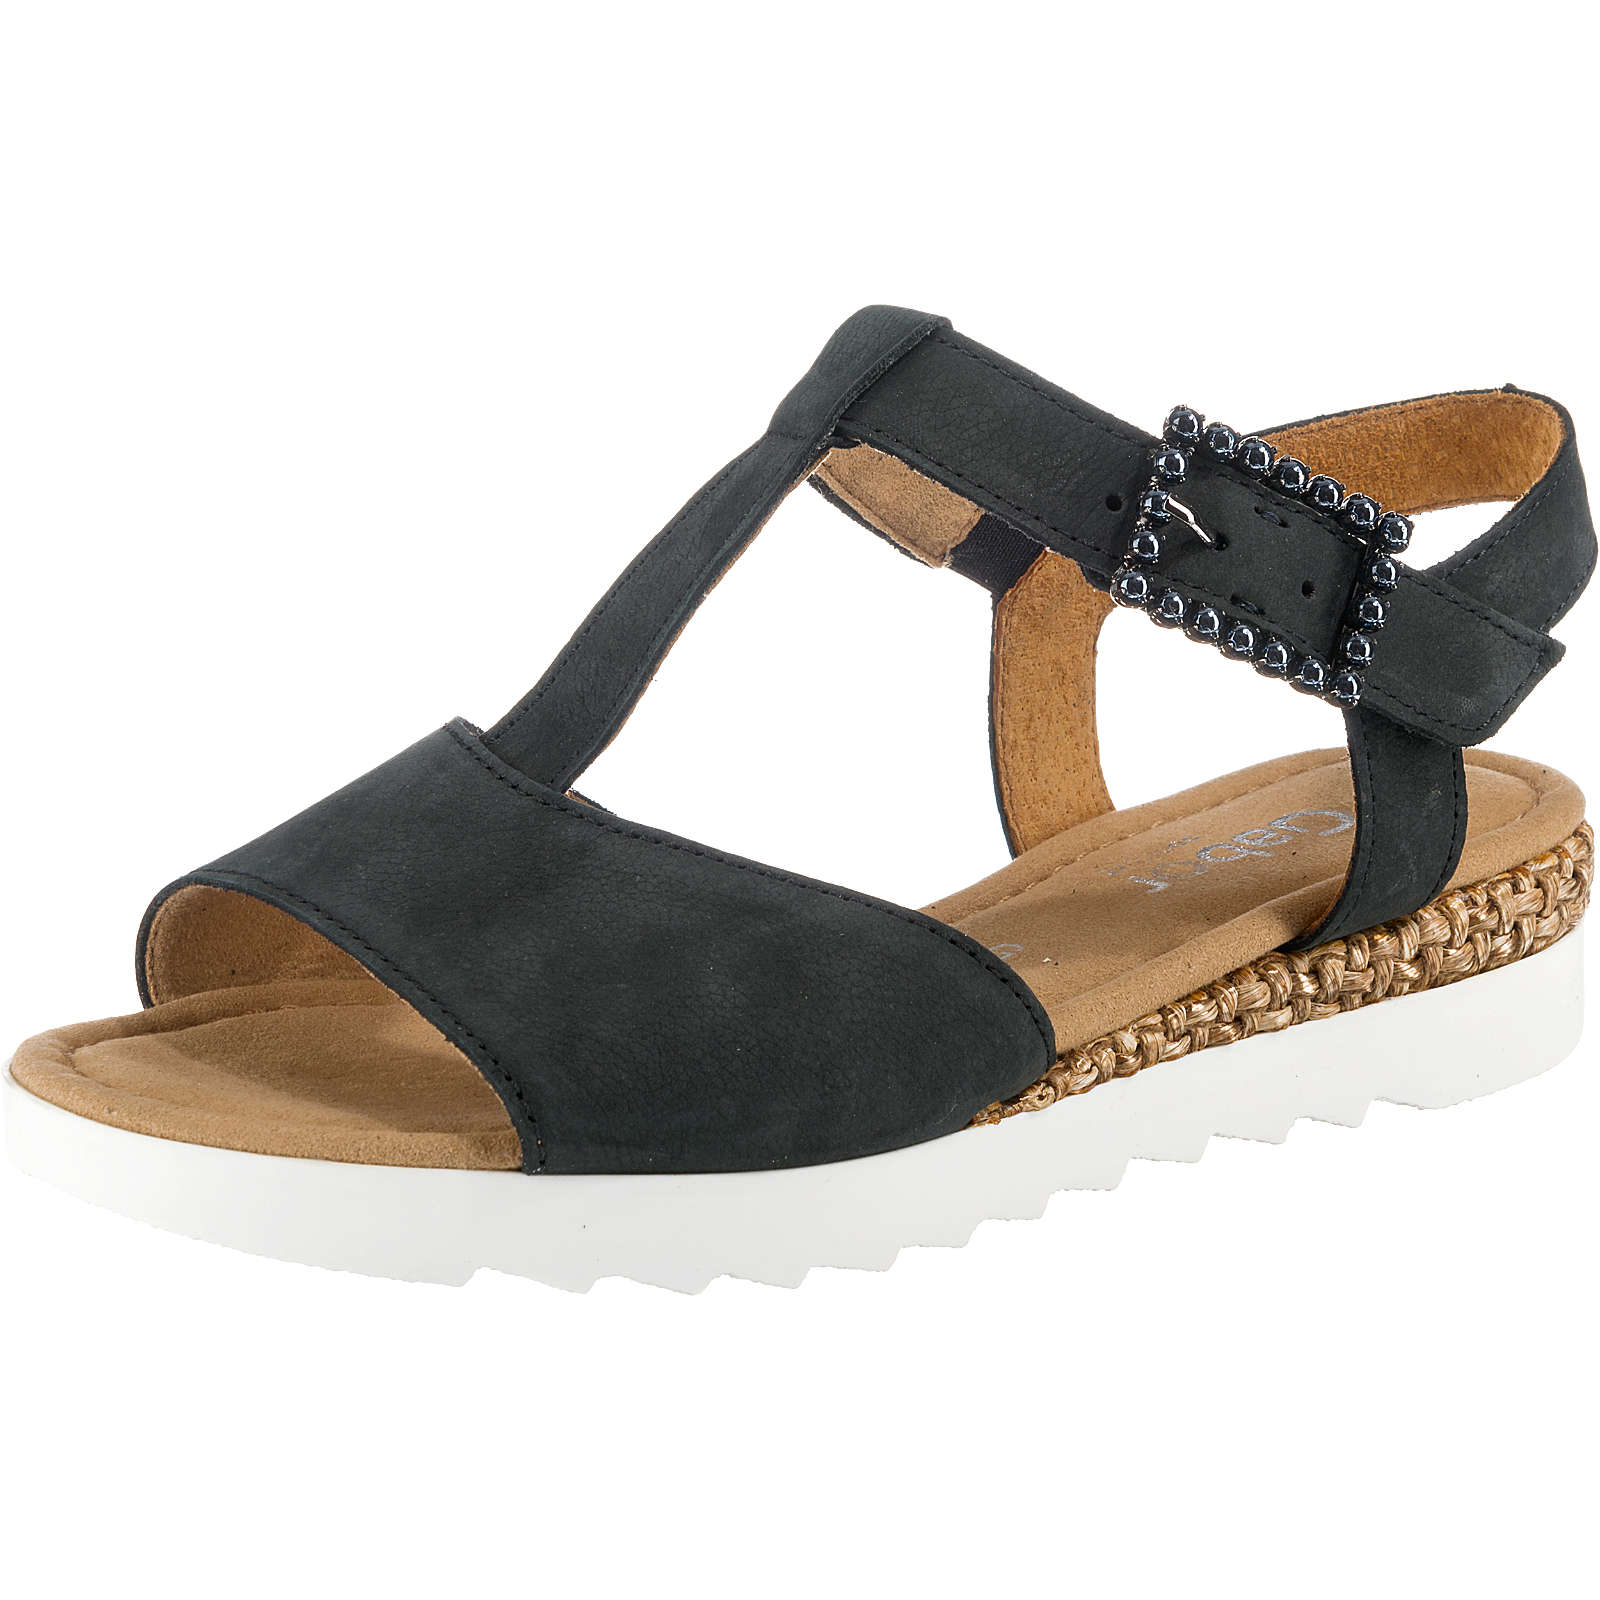 Gabor T-Steg-Sandaletten blau Damen Gr. 38